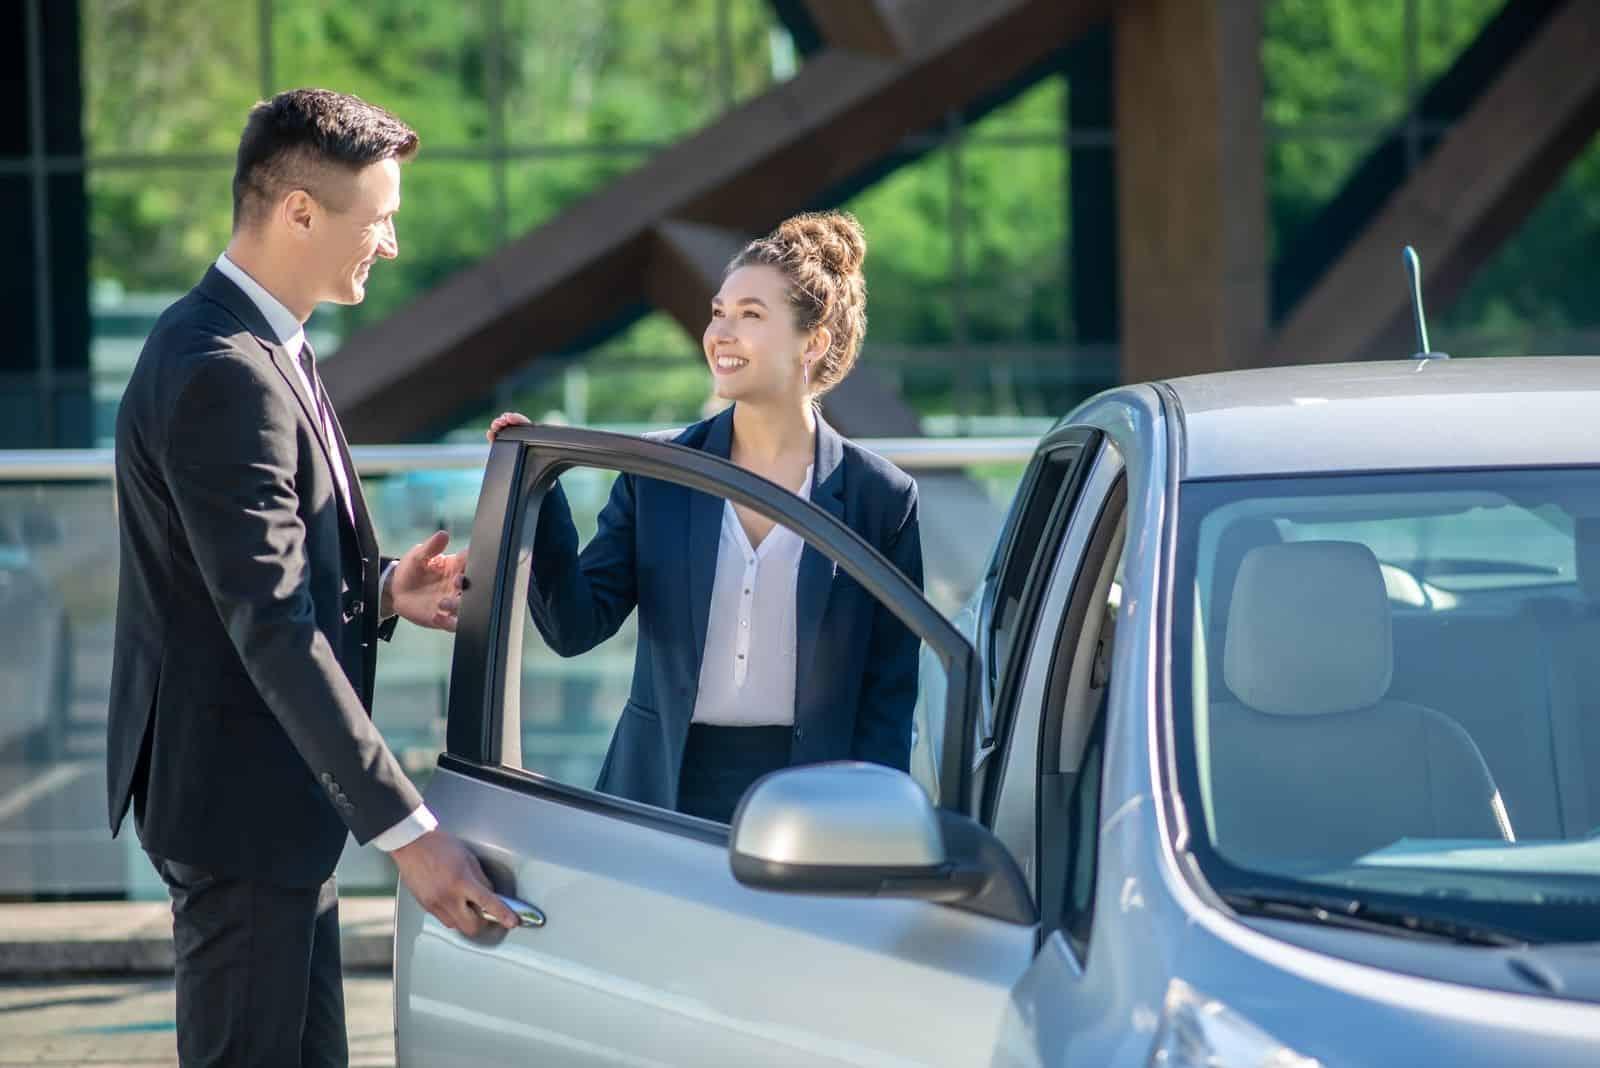 höflicher junger Mann Autotür einer Kollegin öffnen